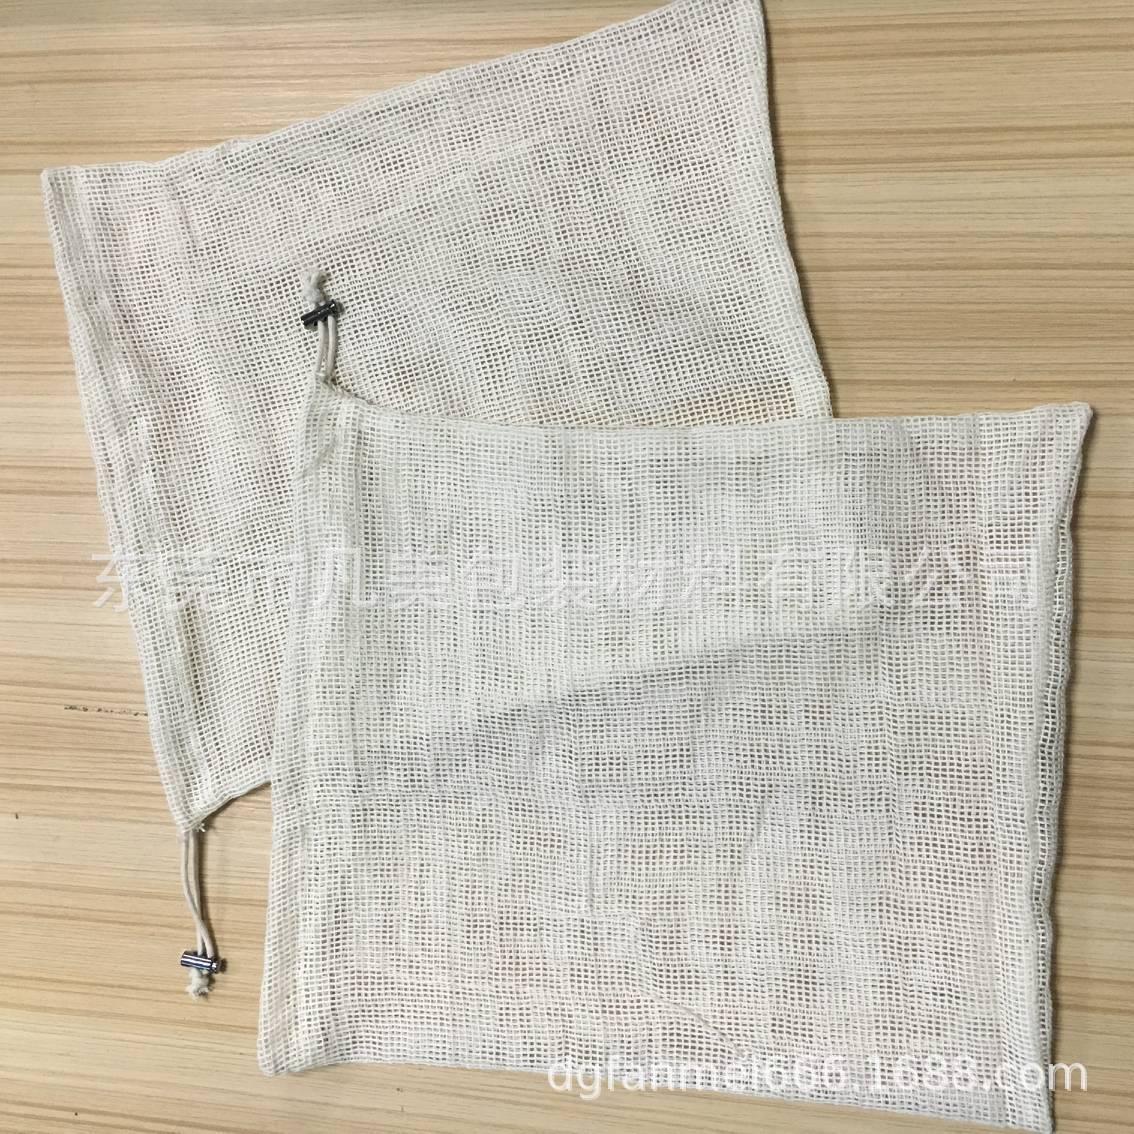 供应超市水果购物袋 蔬菜棉网眼布袋 水果收纳抽绳网袋免费订购